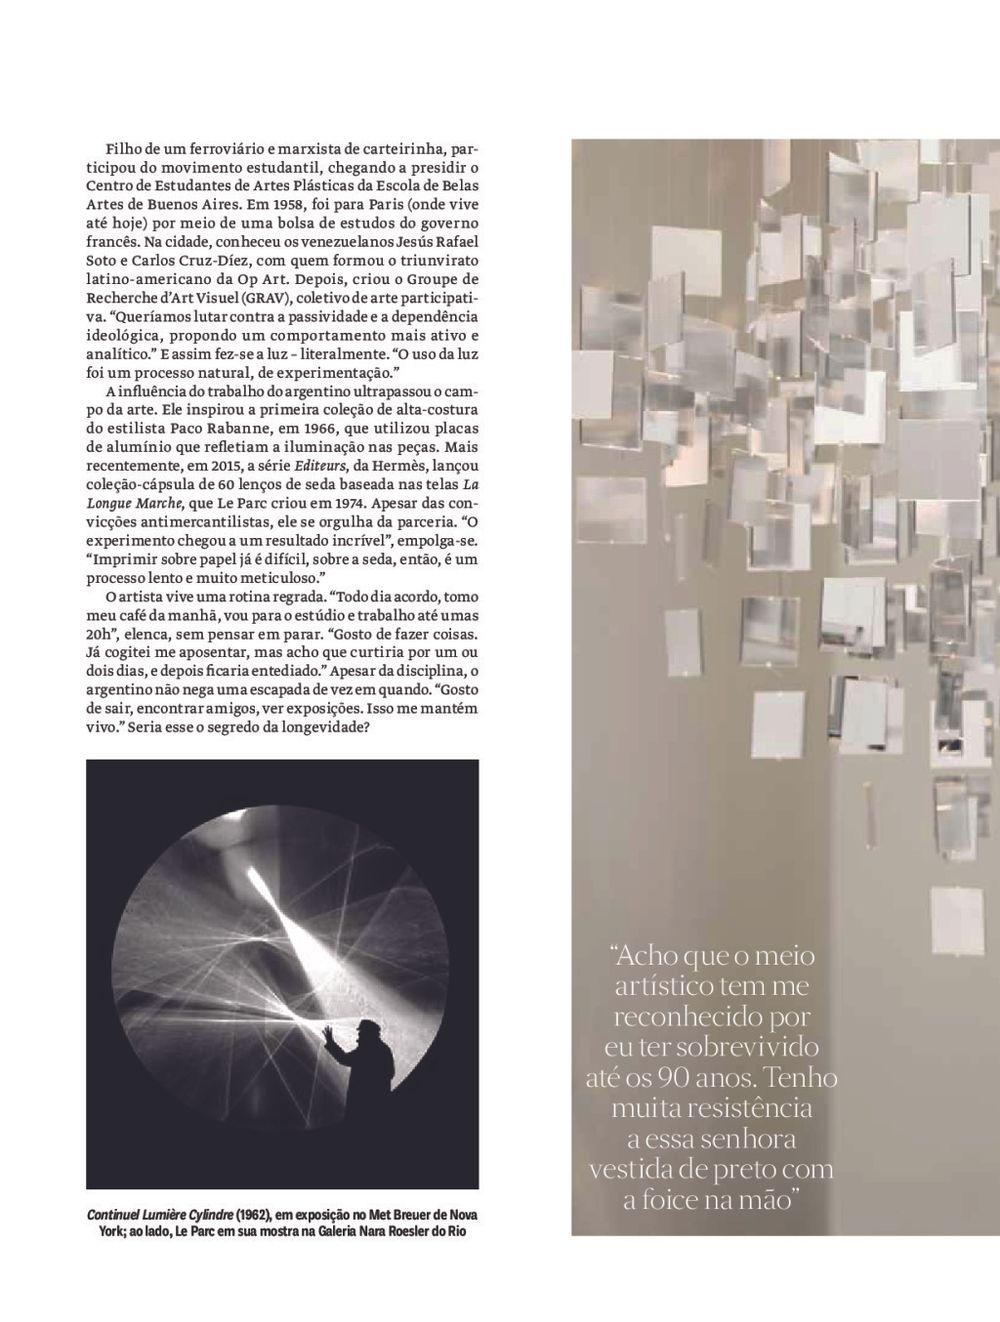 Vogue | Julio LE PARC